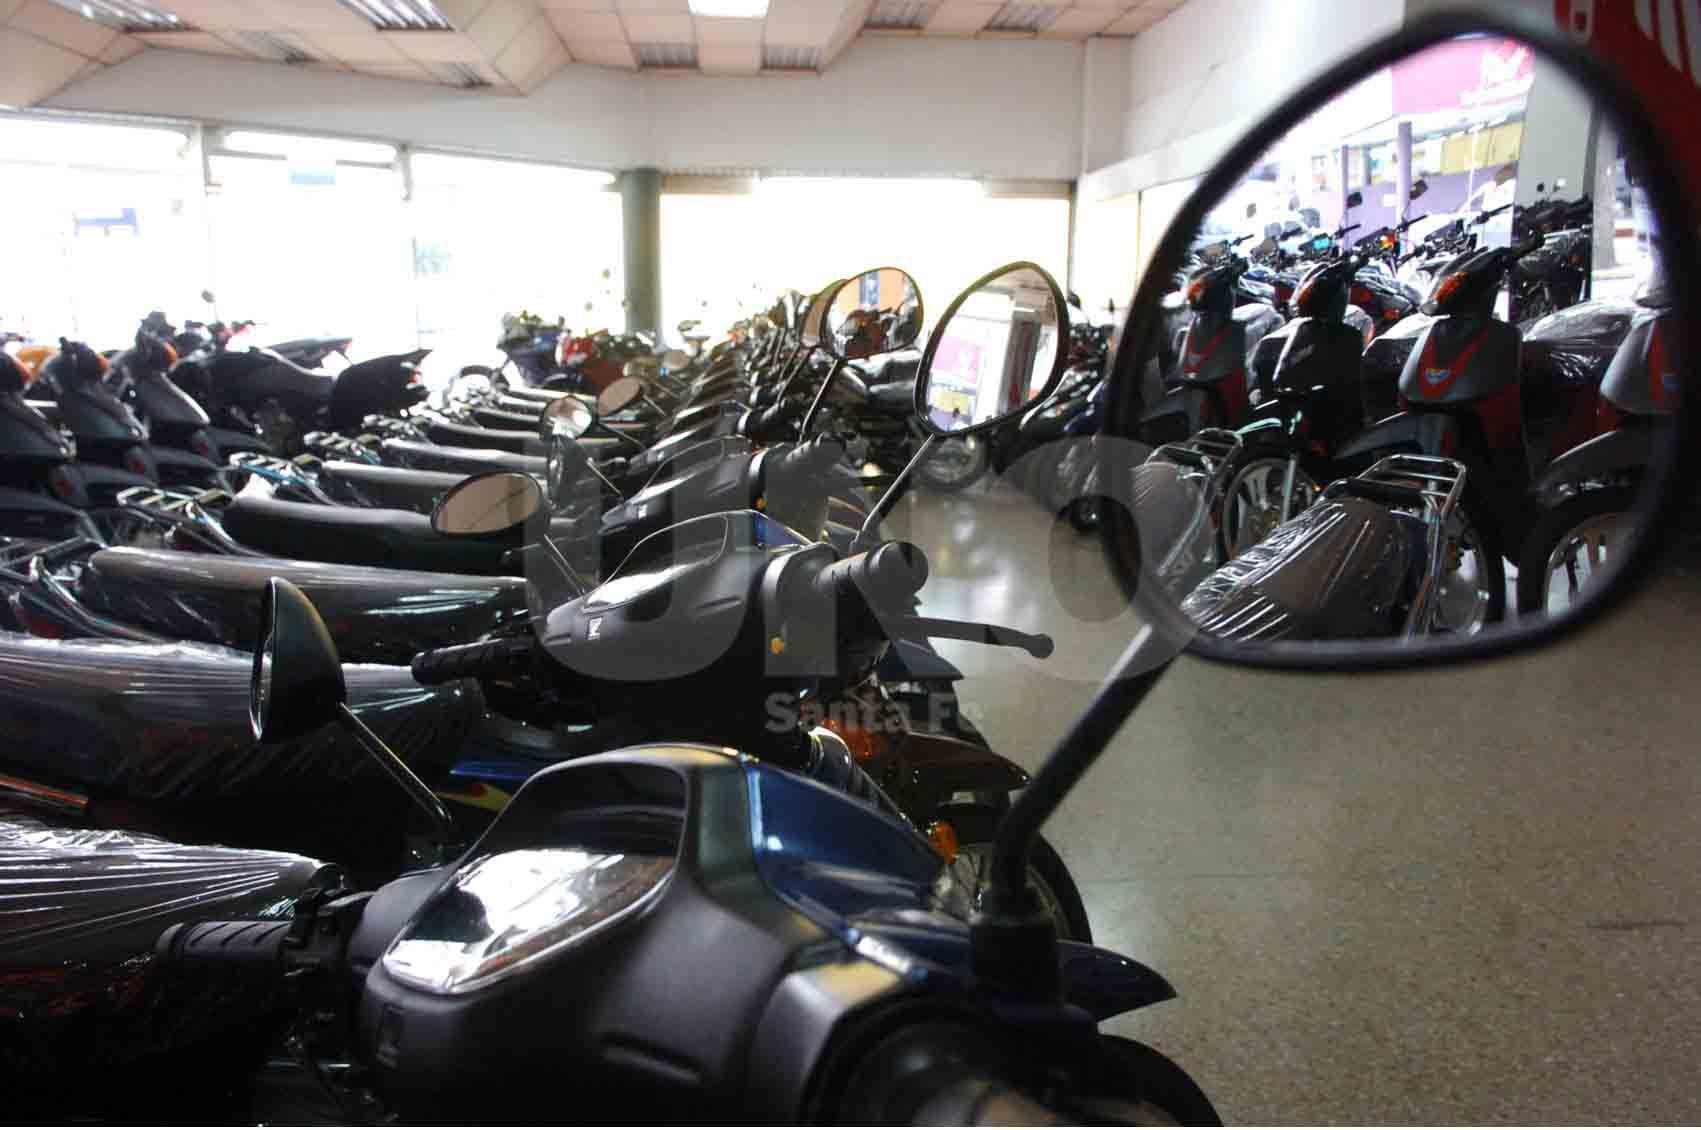 Sin clientes. Ese es el panorama que se divisa en las concesionarias de motos de la ciudad por estos días.